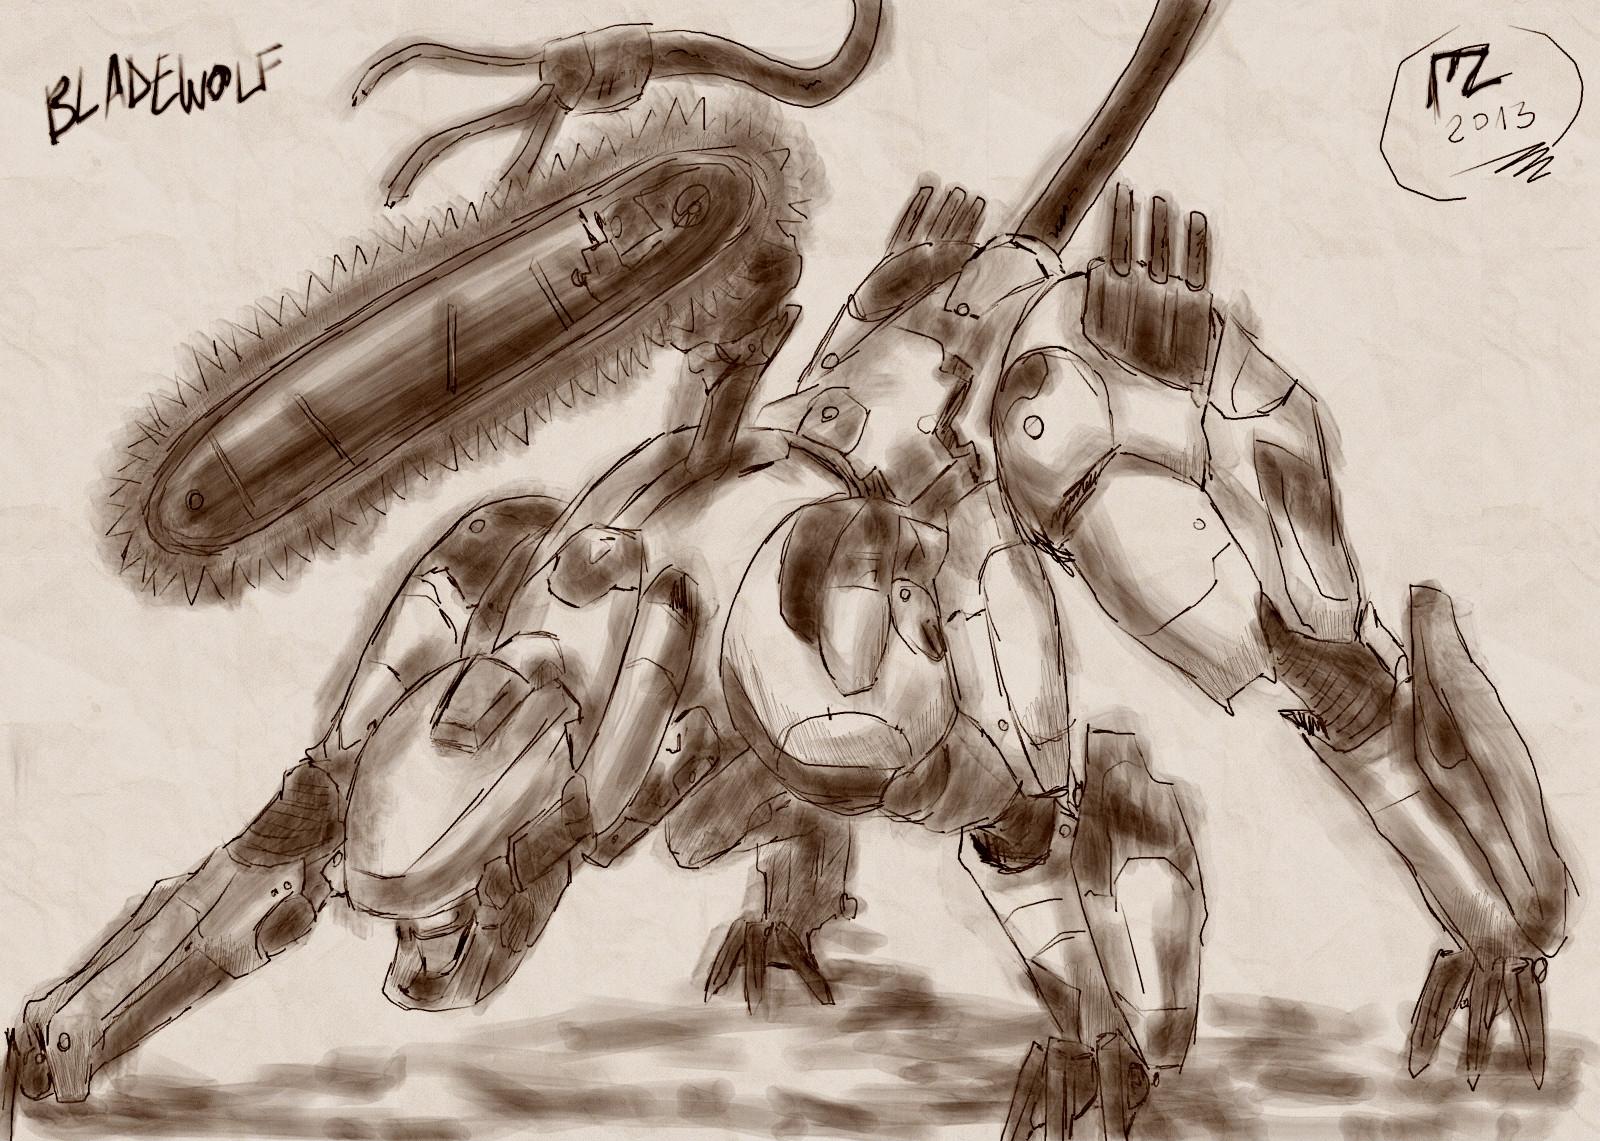 Metal Gear 25th Anniversary BLADEWOLF by blue-hugo